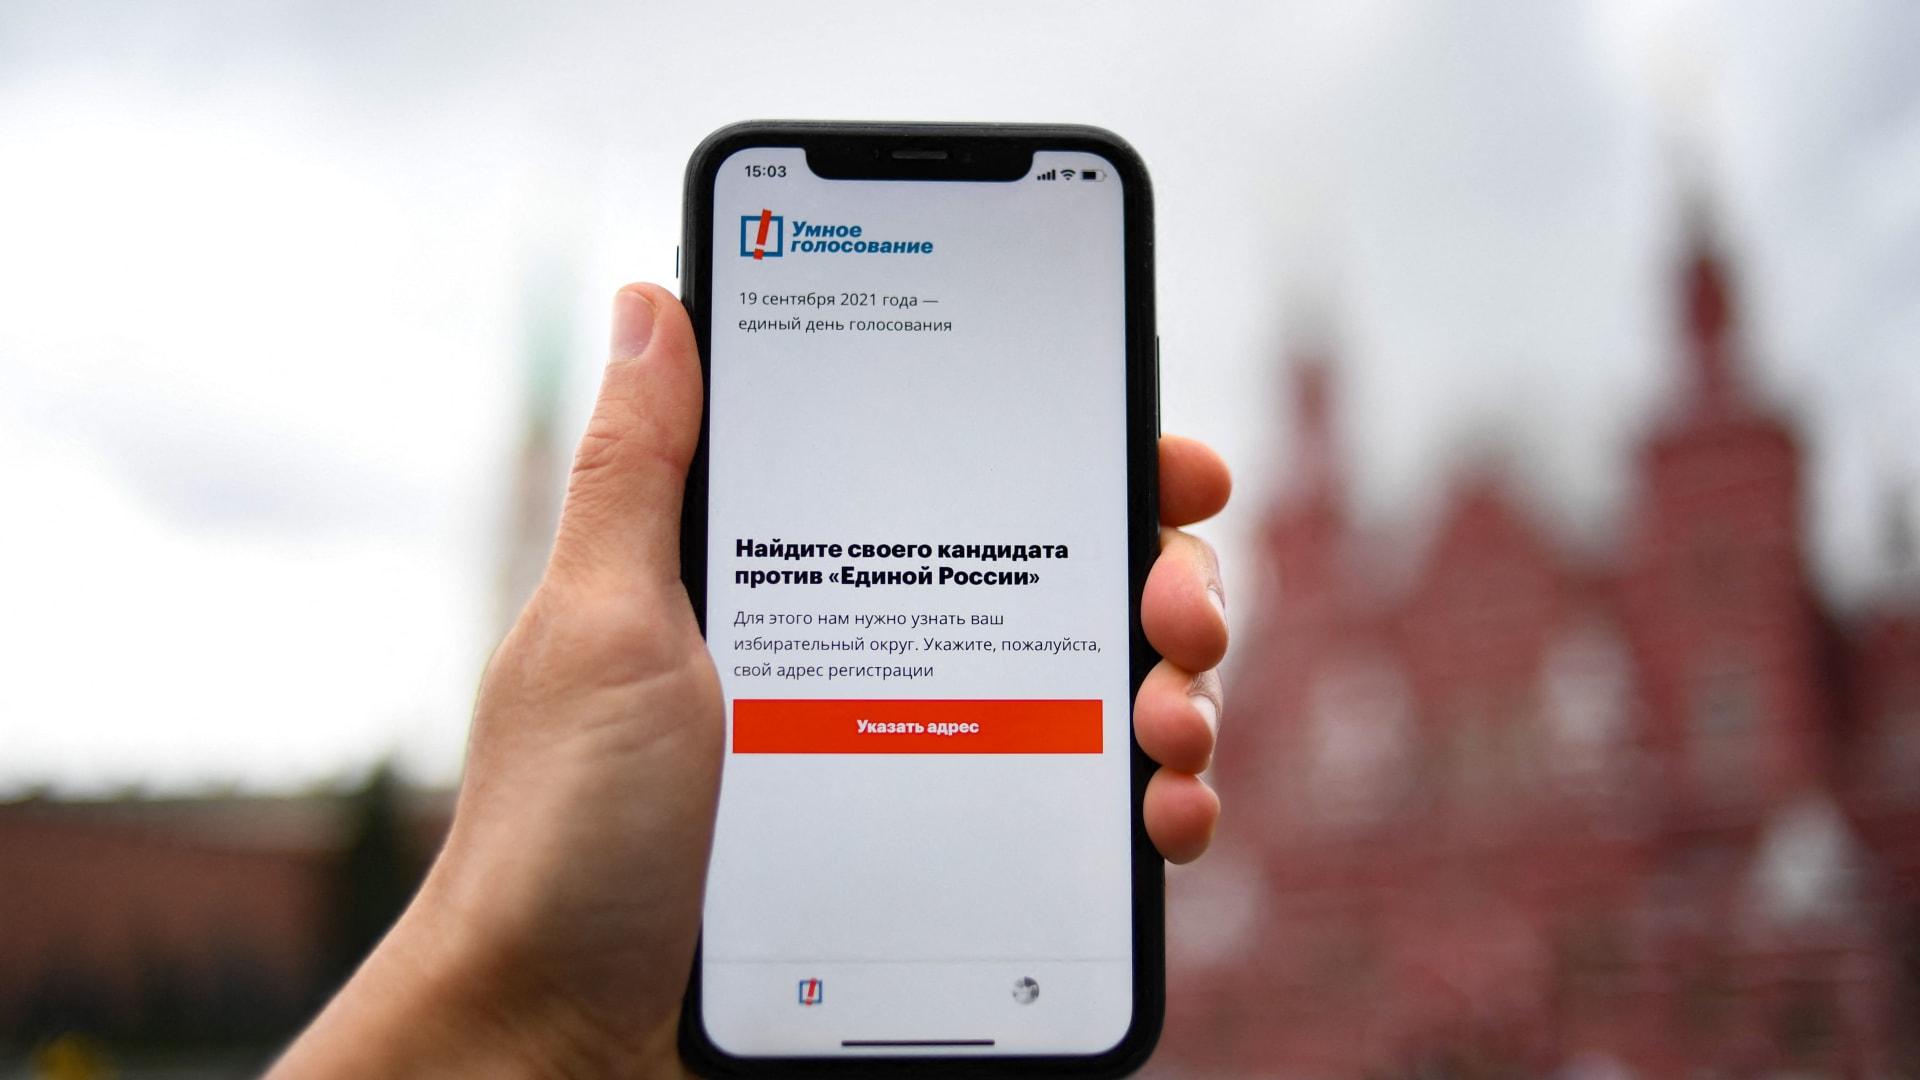 """صورة توضيحية لشاشة هاتف ذكي تعرض تطبيق """"التصويت الذكي""""  لناقد الكرملين المسجون أليكسي - موسكو في 16 سبتمبر 2021."""